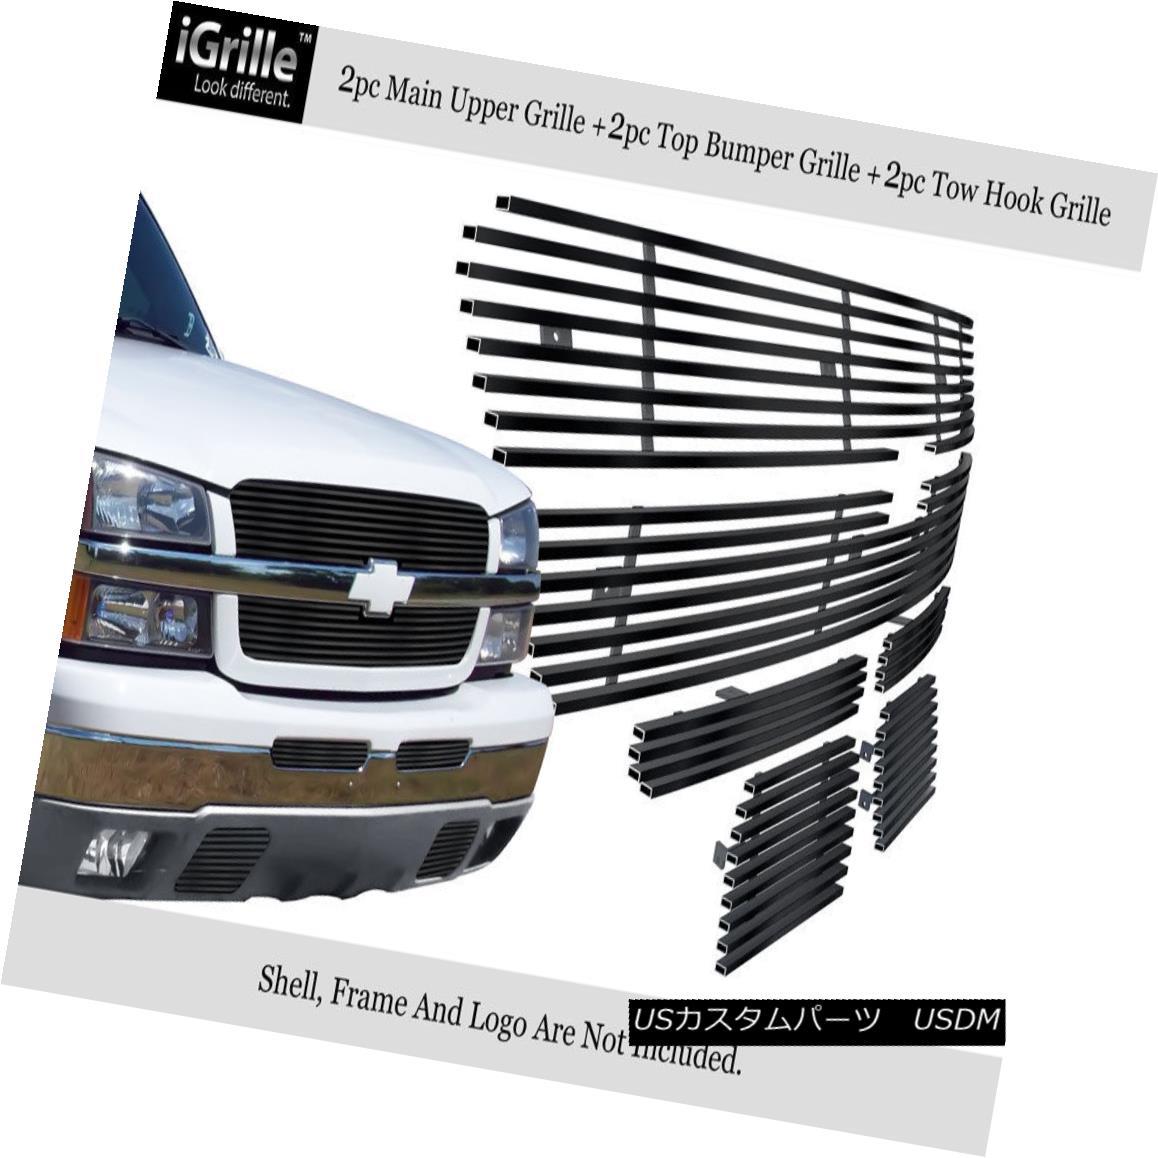 グリル Fits 03-05 Chevy Silverado 1500/03-04 2500 Stainless Black Billet Grille Combo フィット03-05 Chevy Silverado 1500 / 03-04 2500ステンレスブラックビレットグリルコンボ